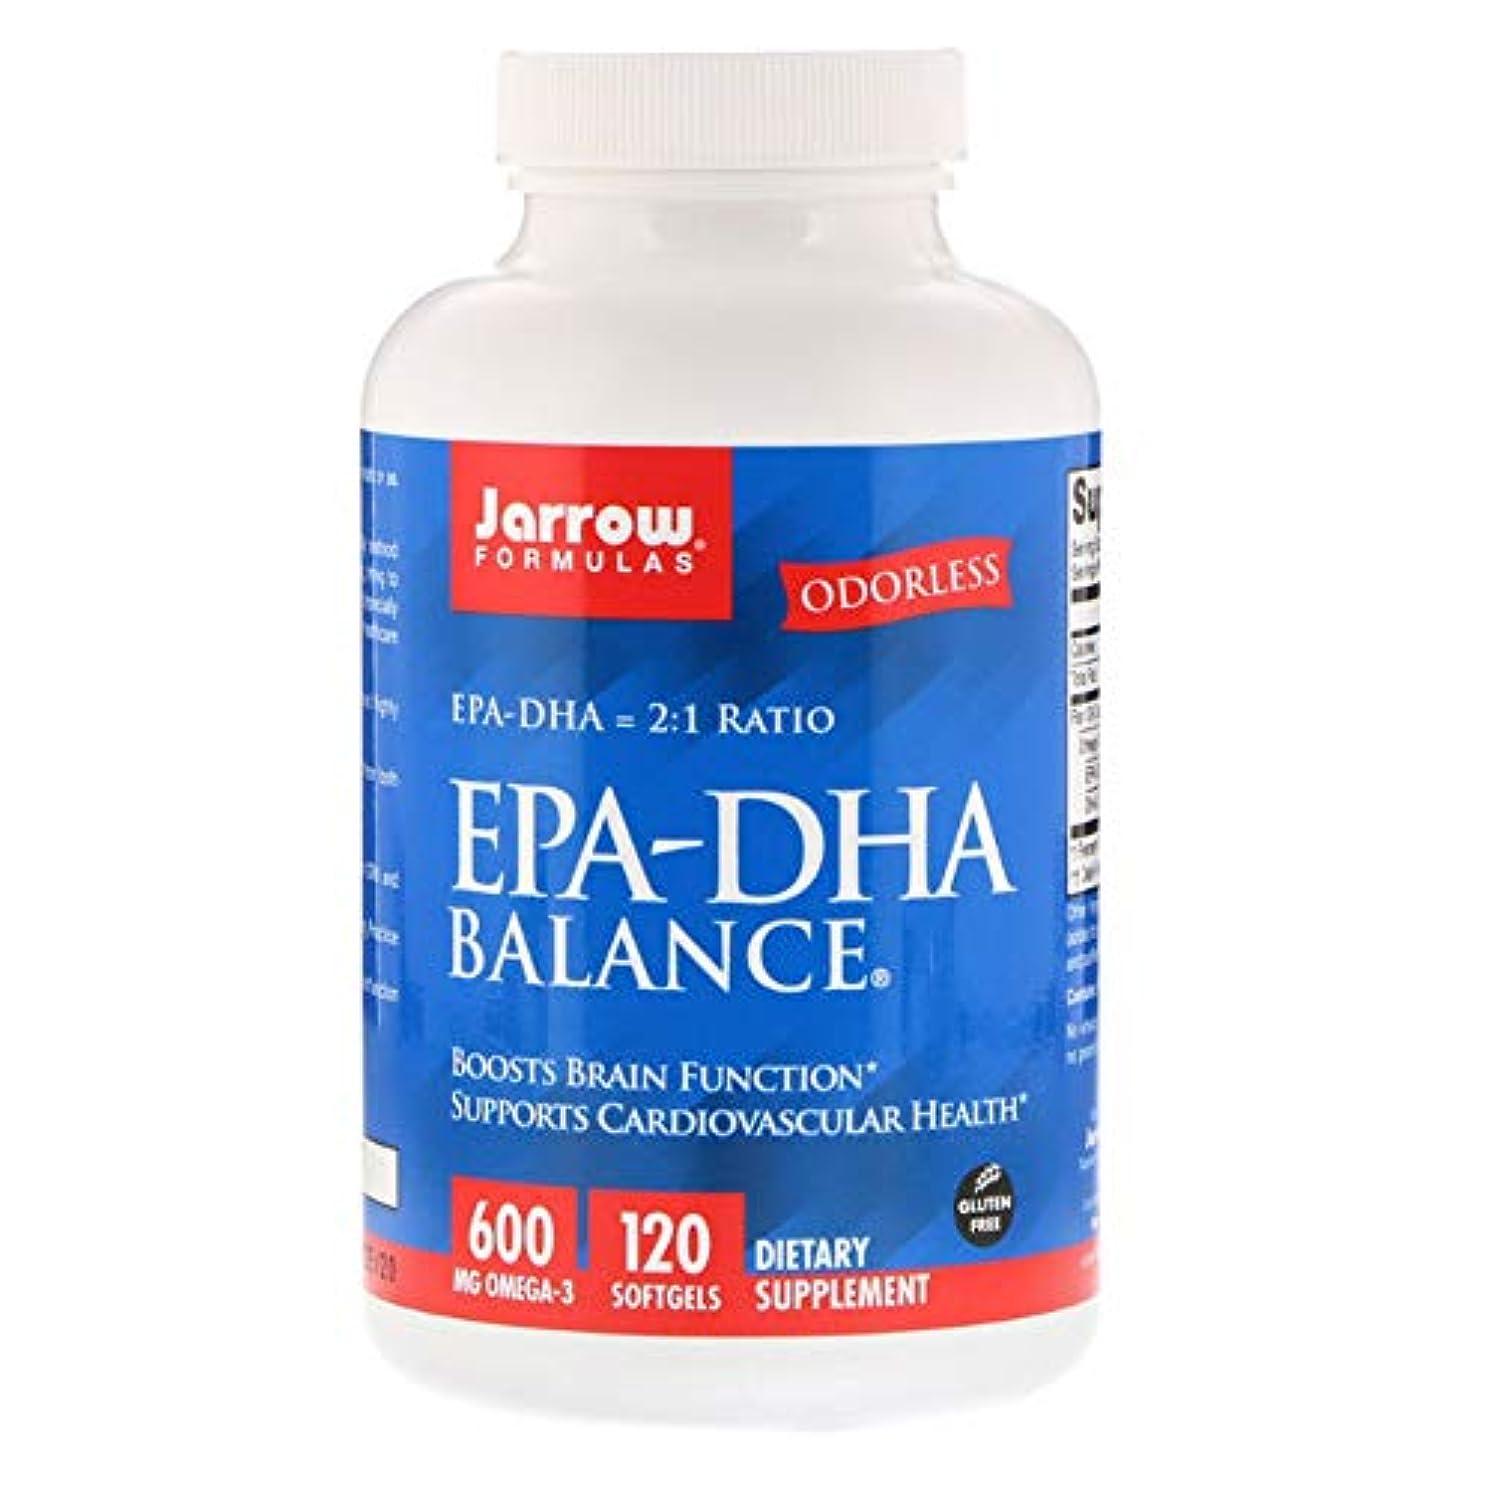 七面鳥オーロックレンダリングJarrow Formulas EPA DHA Balance ソフトジェル 120粒 【アメリカ直送】